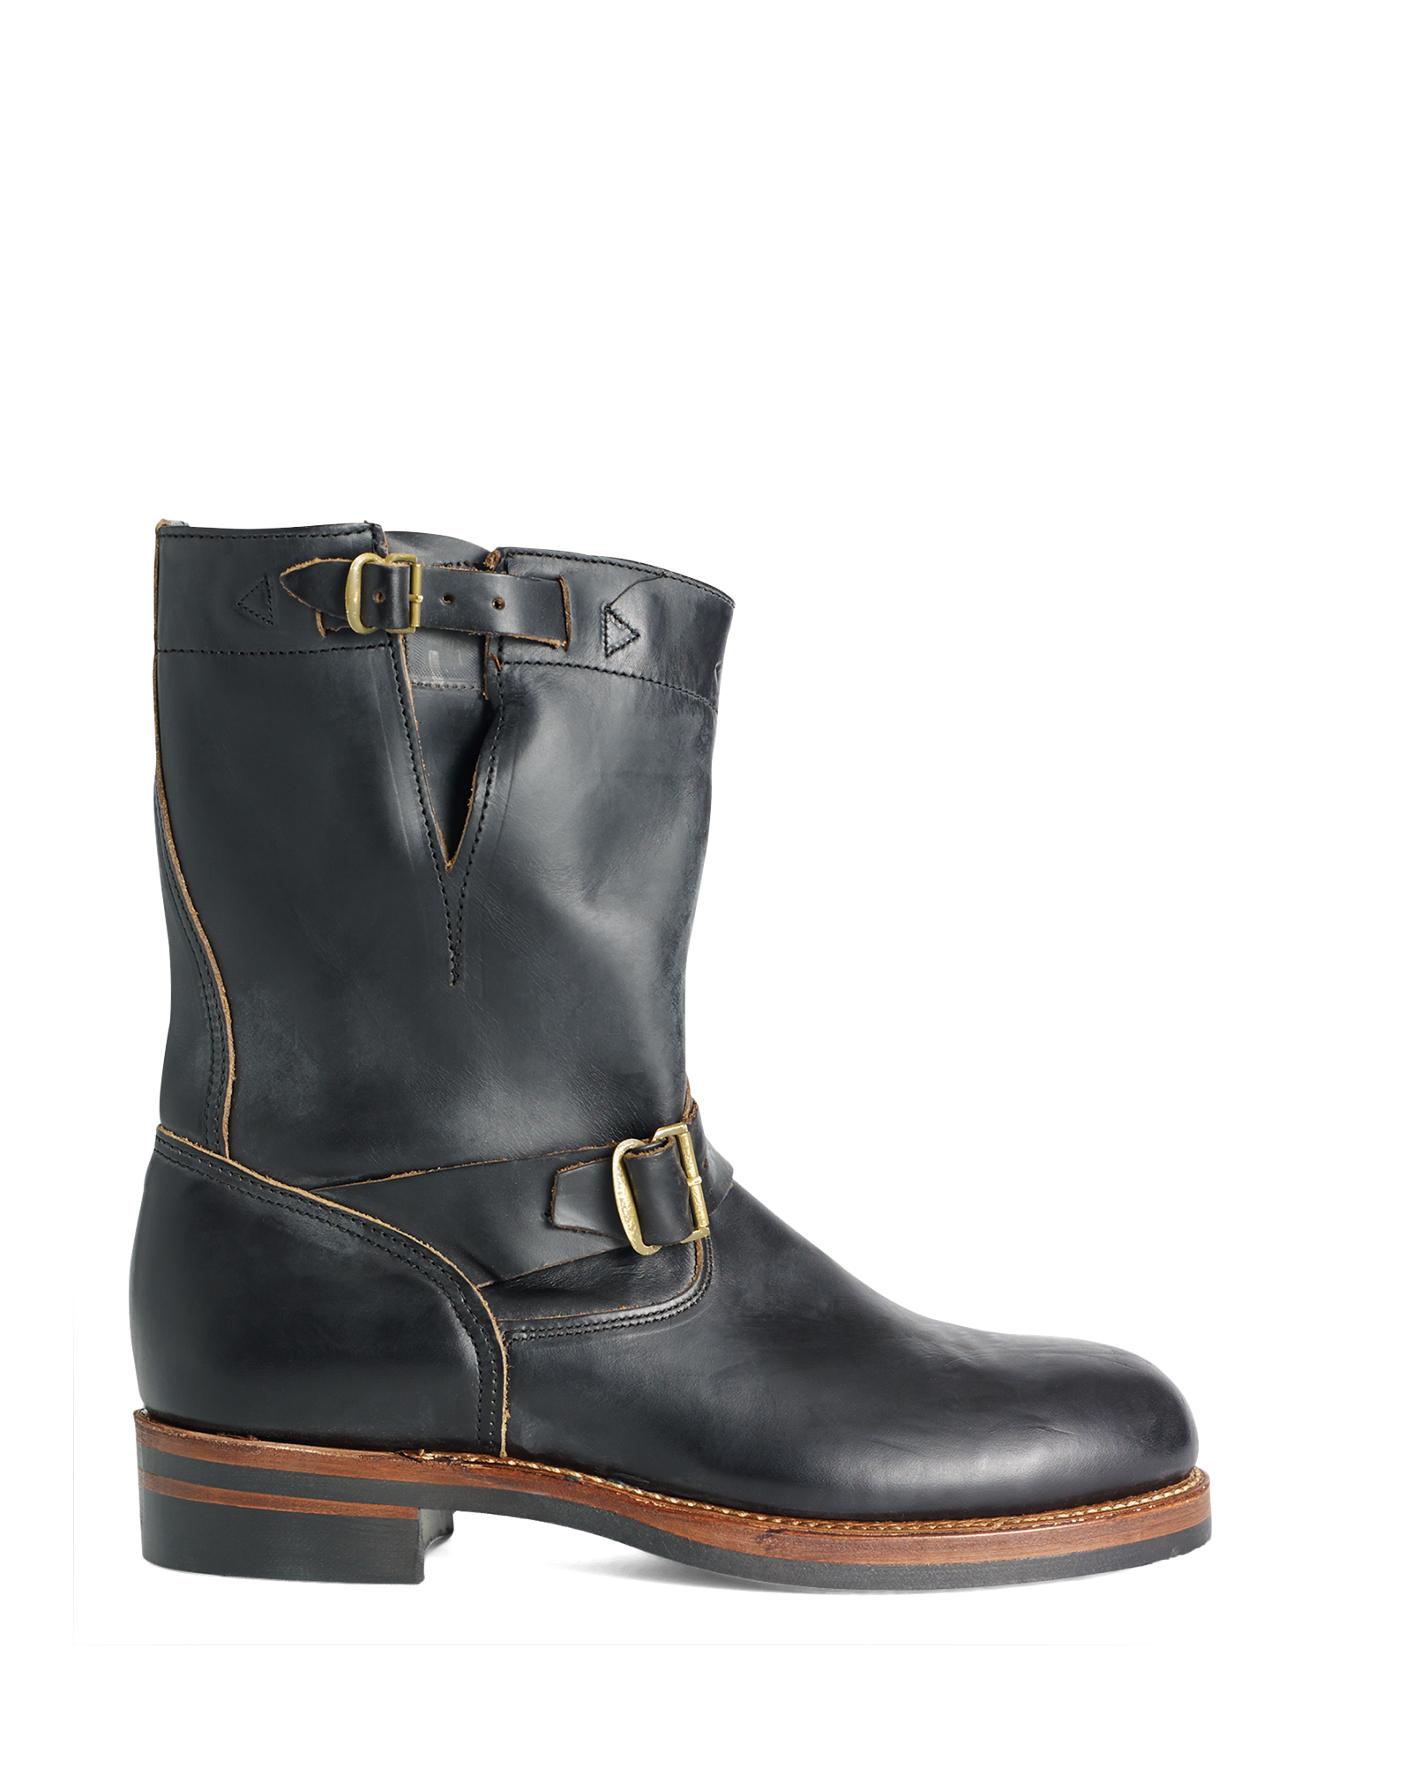 Men\'s Boots - Leather, Suede, & Work Boots | Ralph Lauren